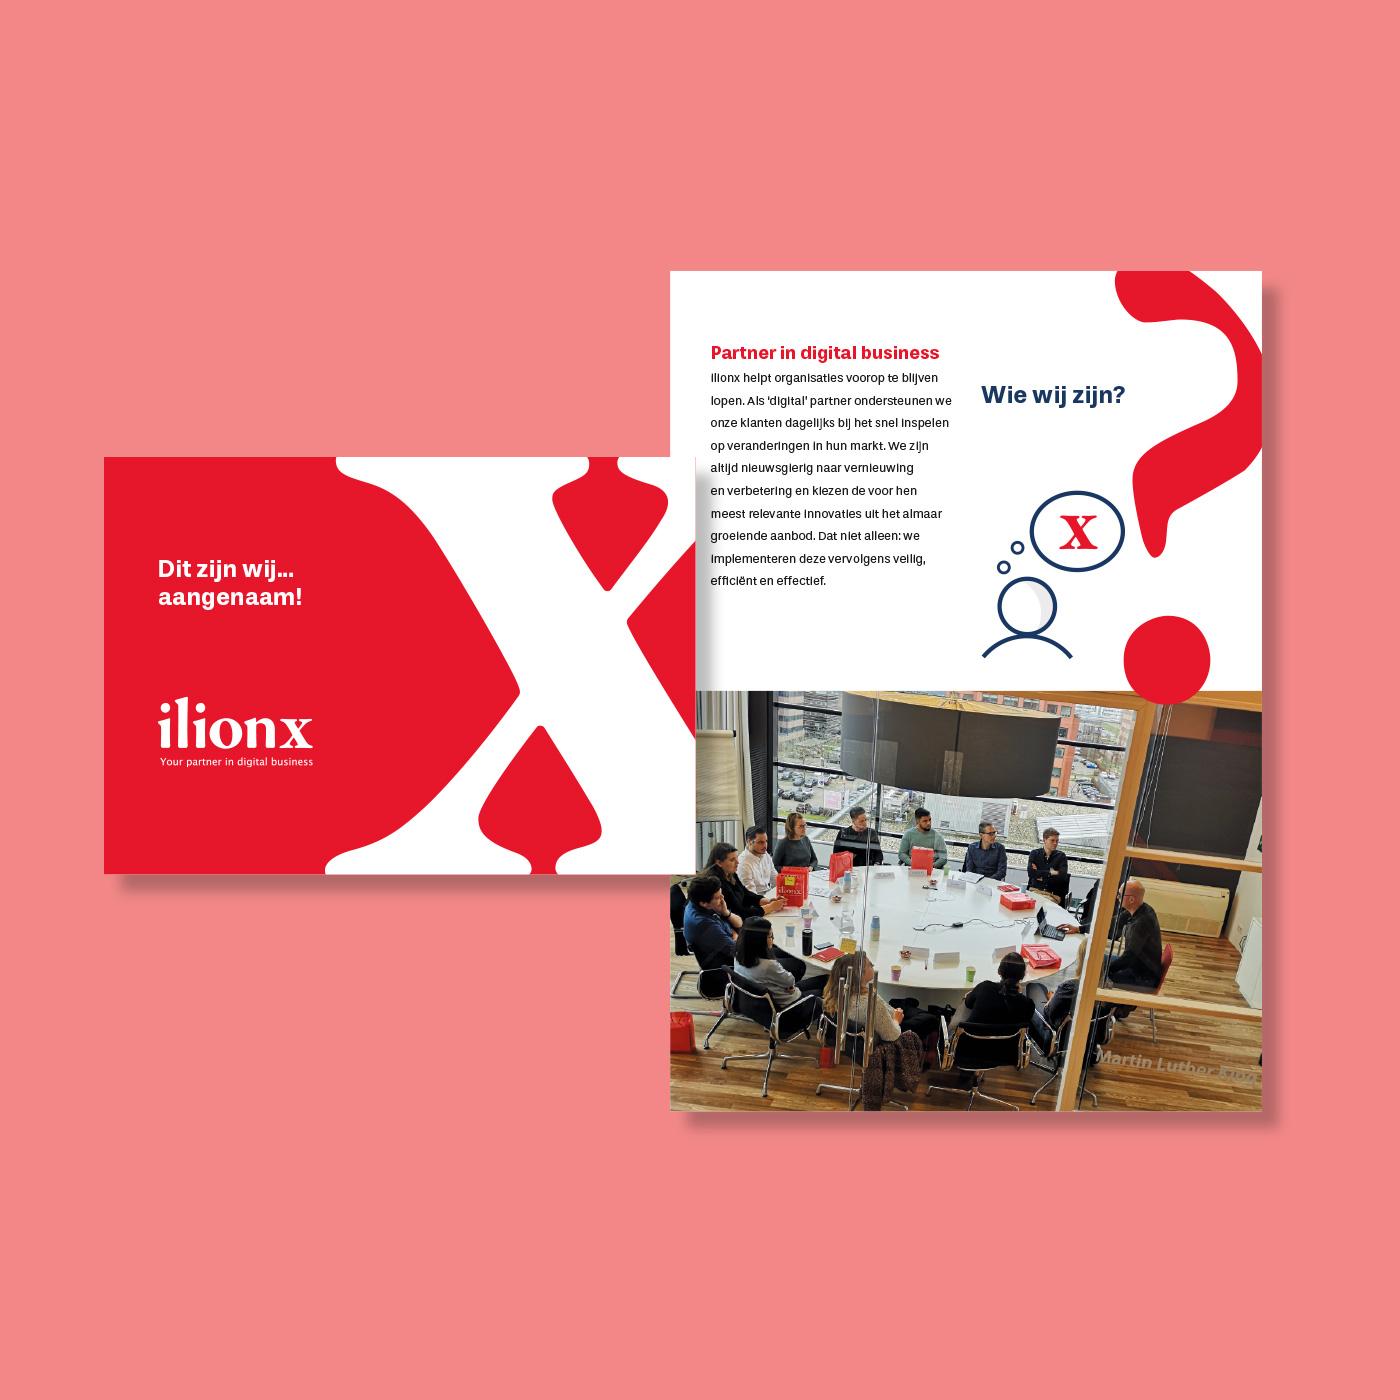 Ontwerp en drukwerk van de brochure over de kernwaarden van it-bedrijf ilionx op liggend A6-formaat 'Wij zijn ilionx'.